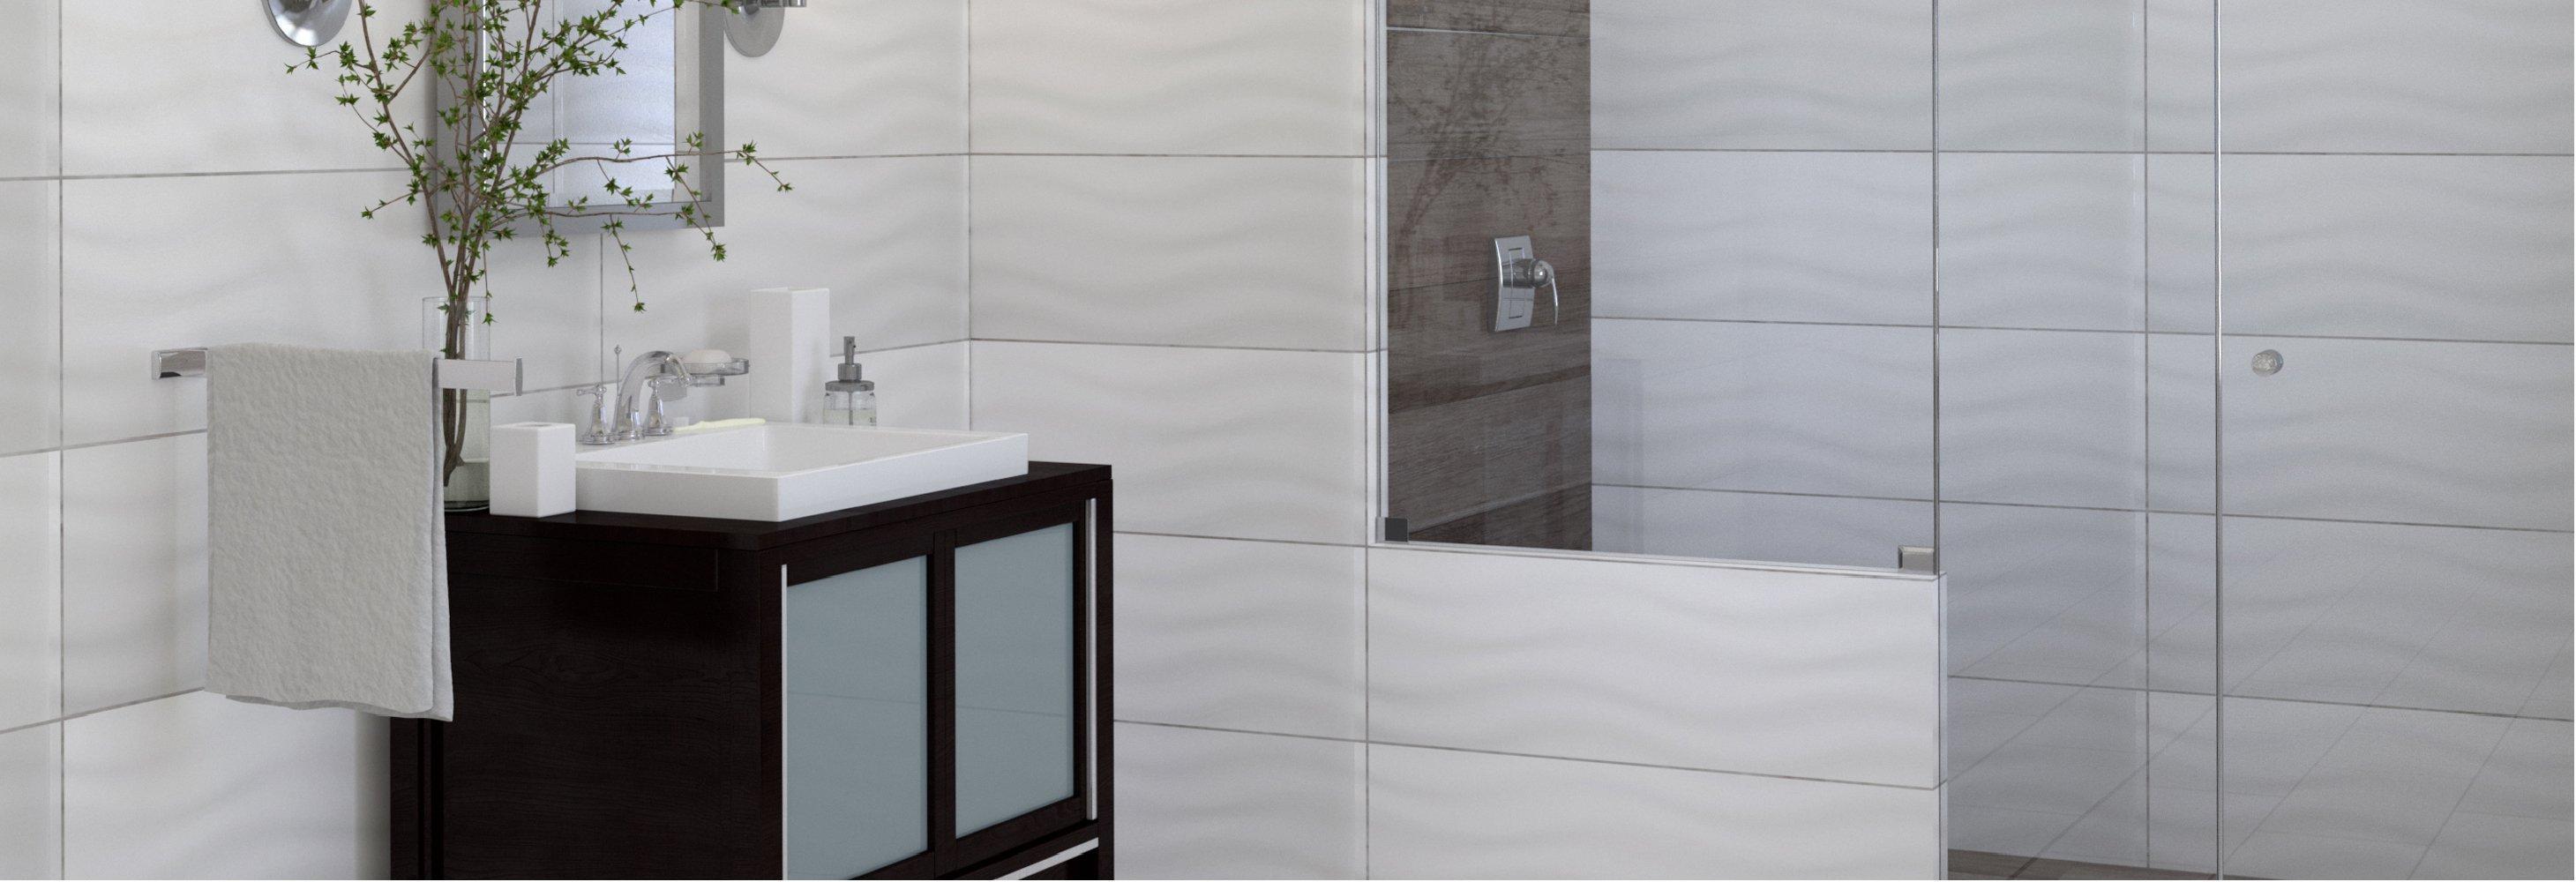 white tile floor. Contemporary White Polished Tile In White Floor